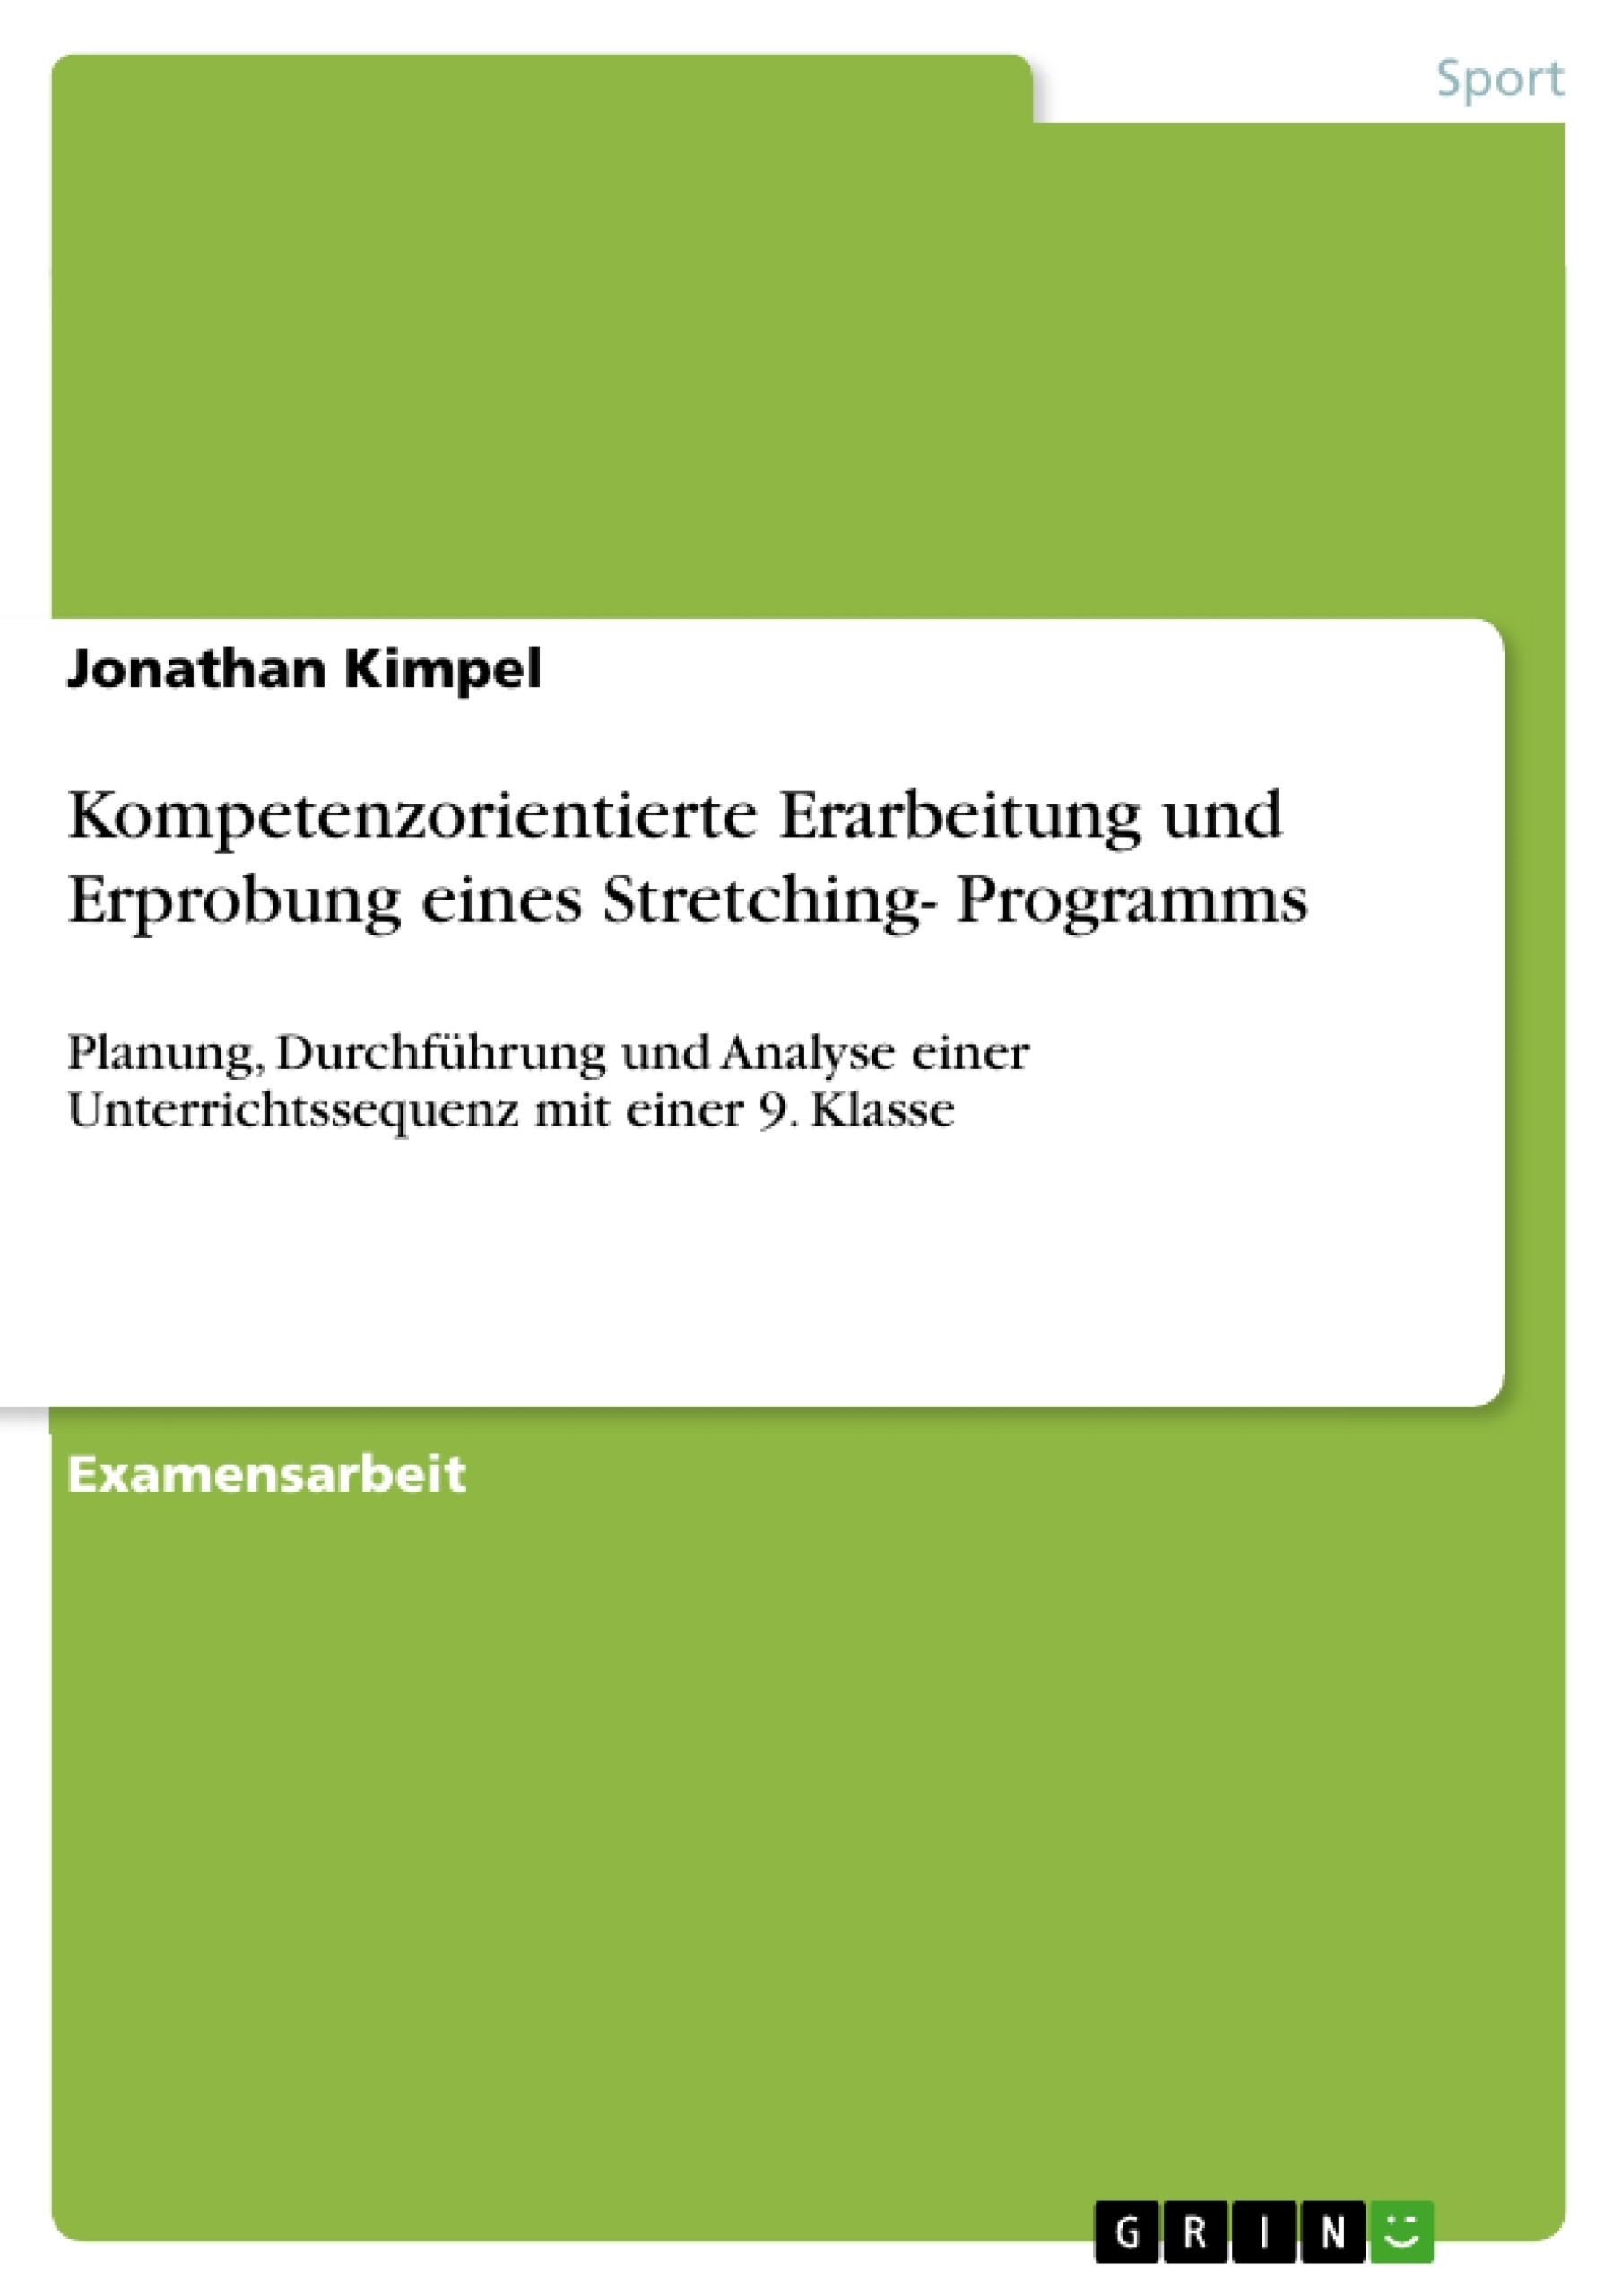 Titel: Kompetenzorientierte Erarbeitung und Erprobung eines Stretching- Programms